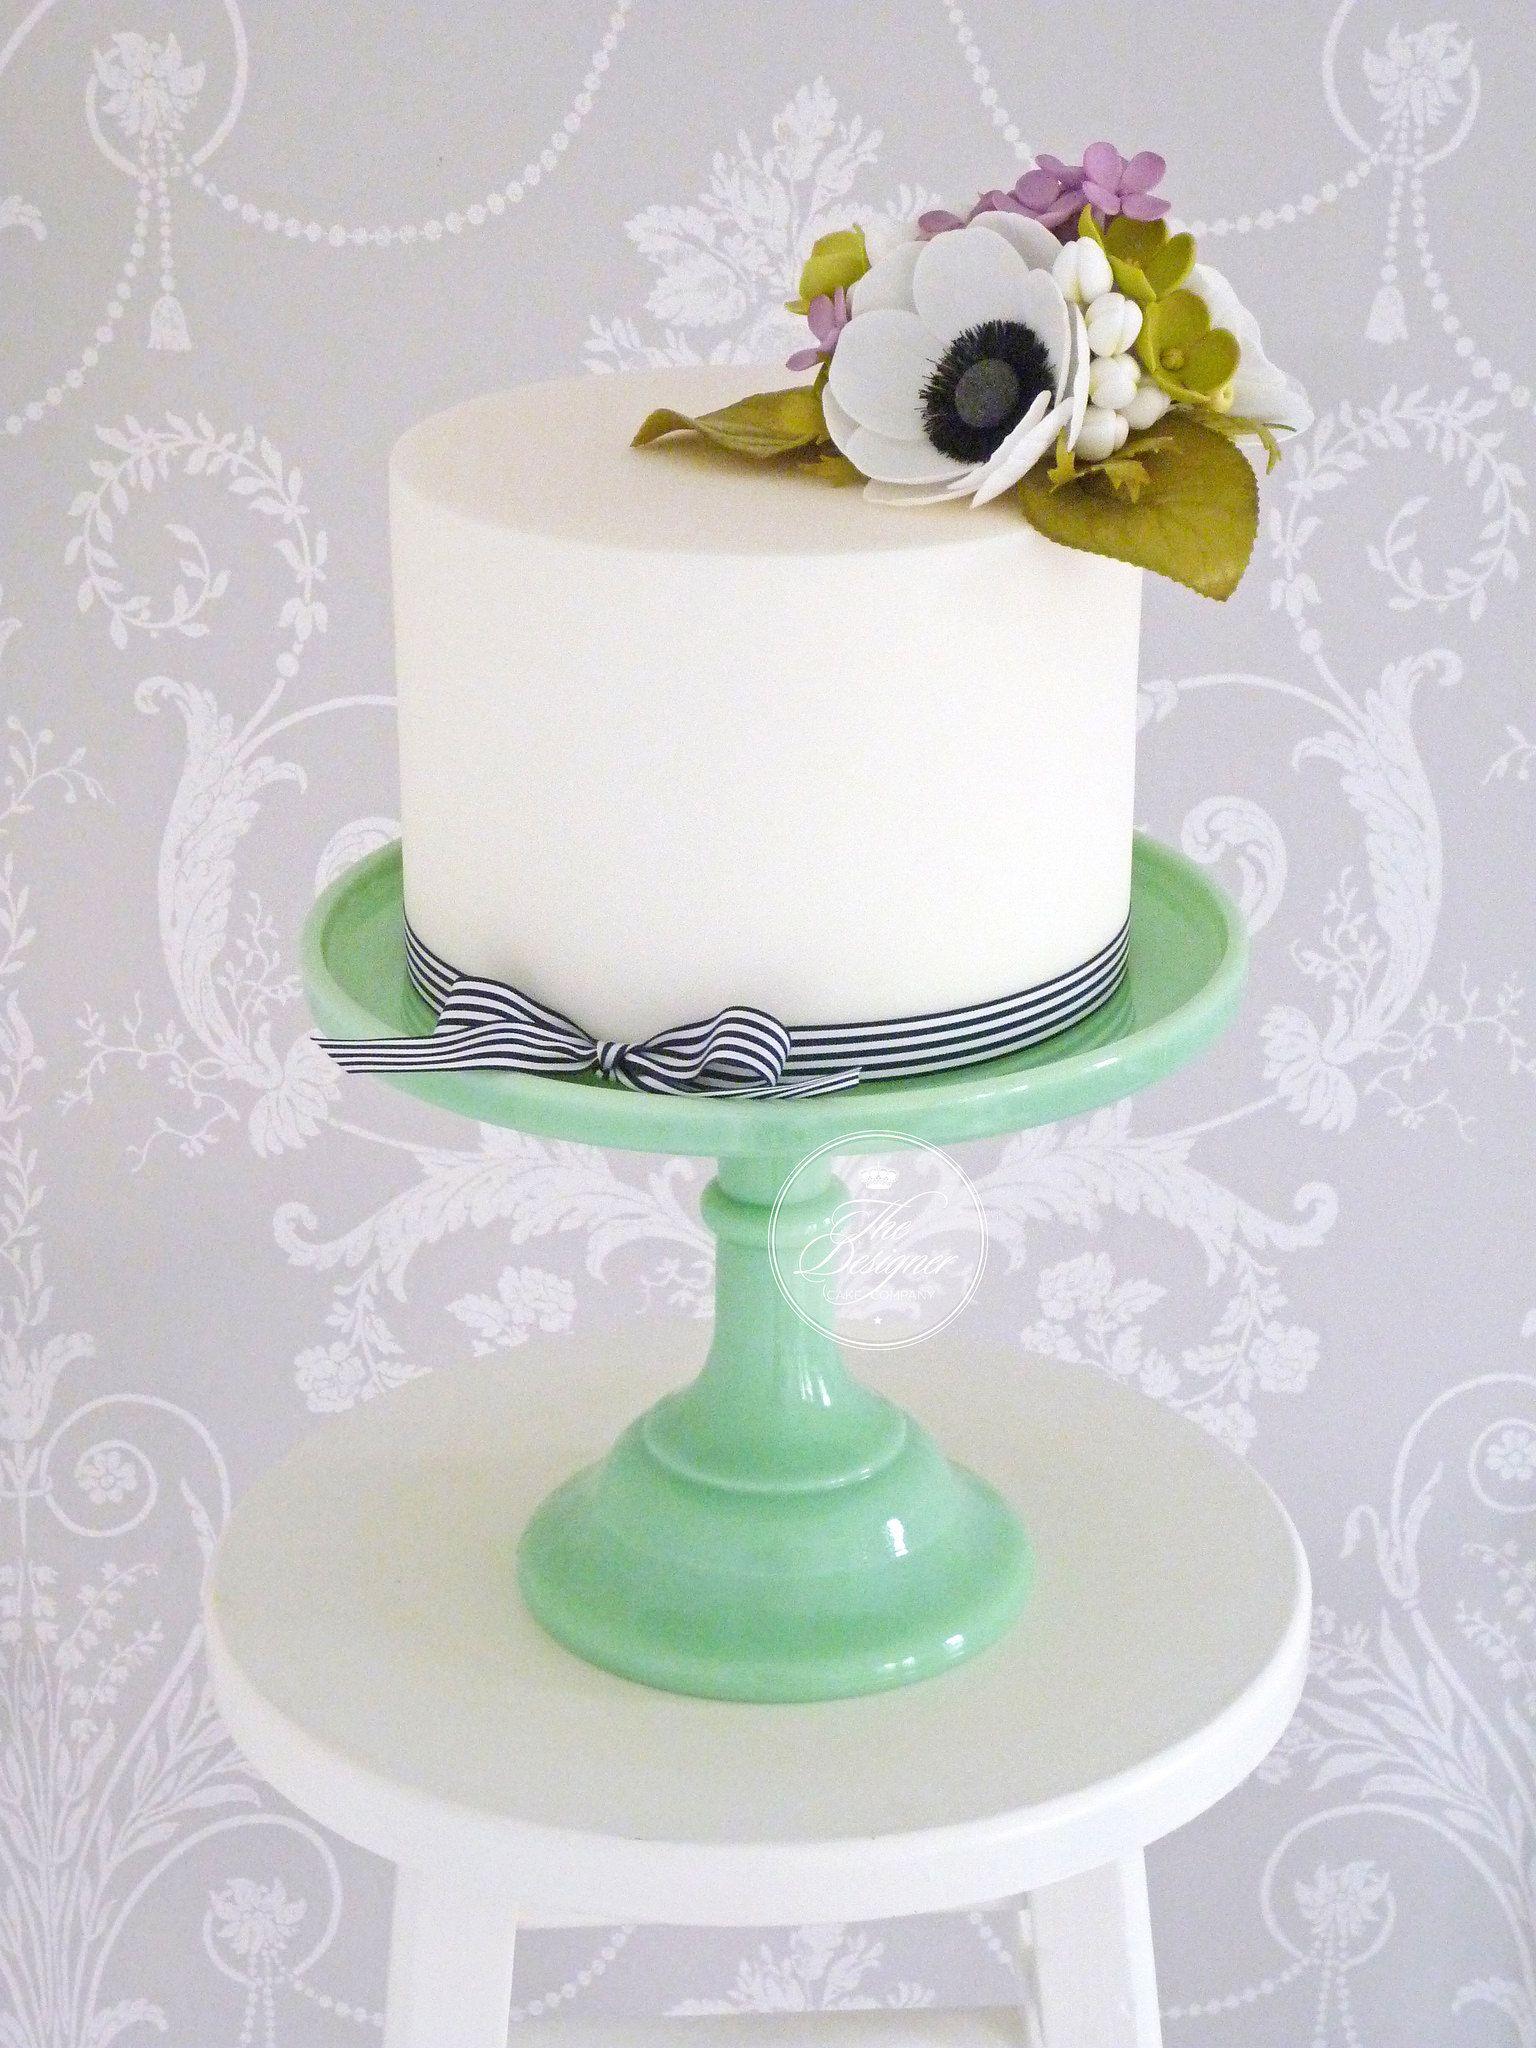 Anemone u lilac cake logos single tier cake and cake